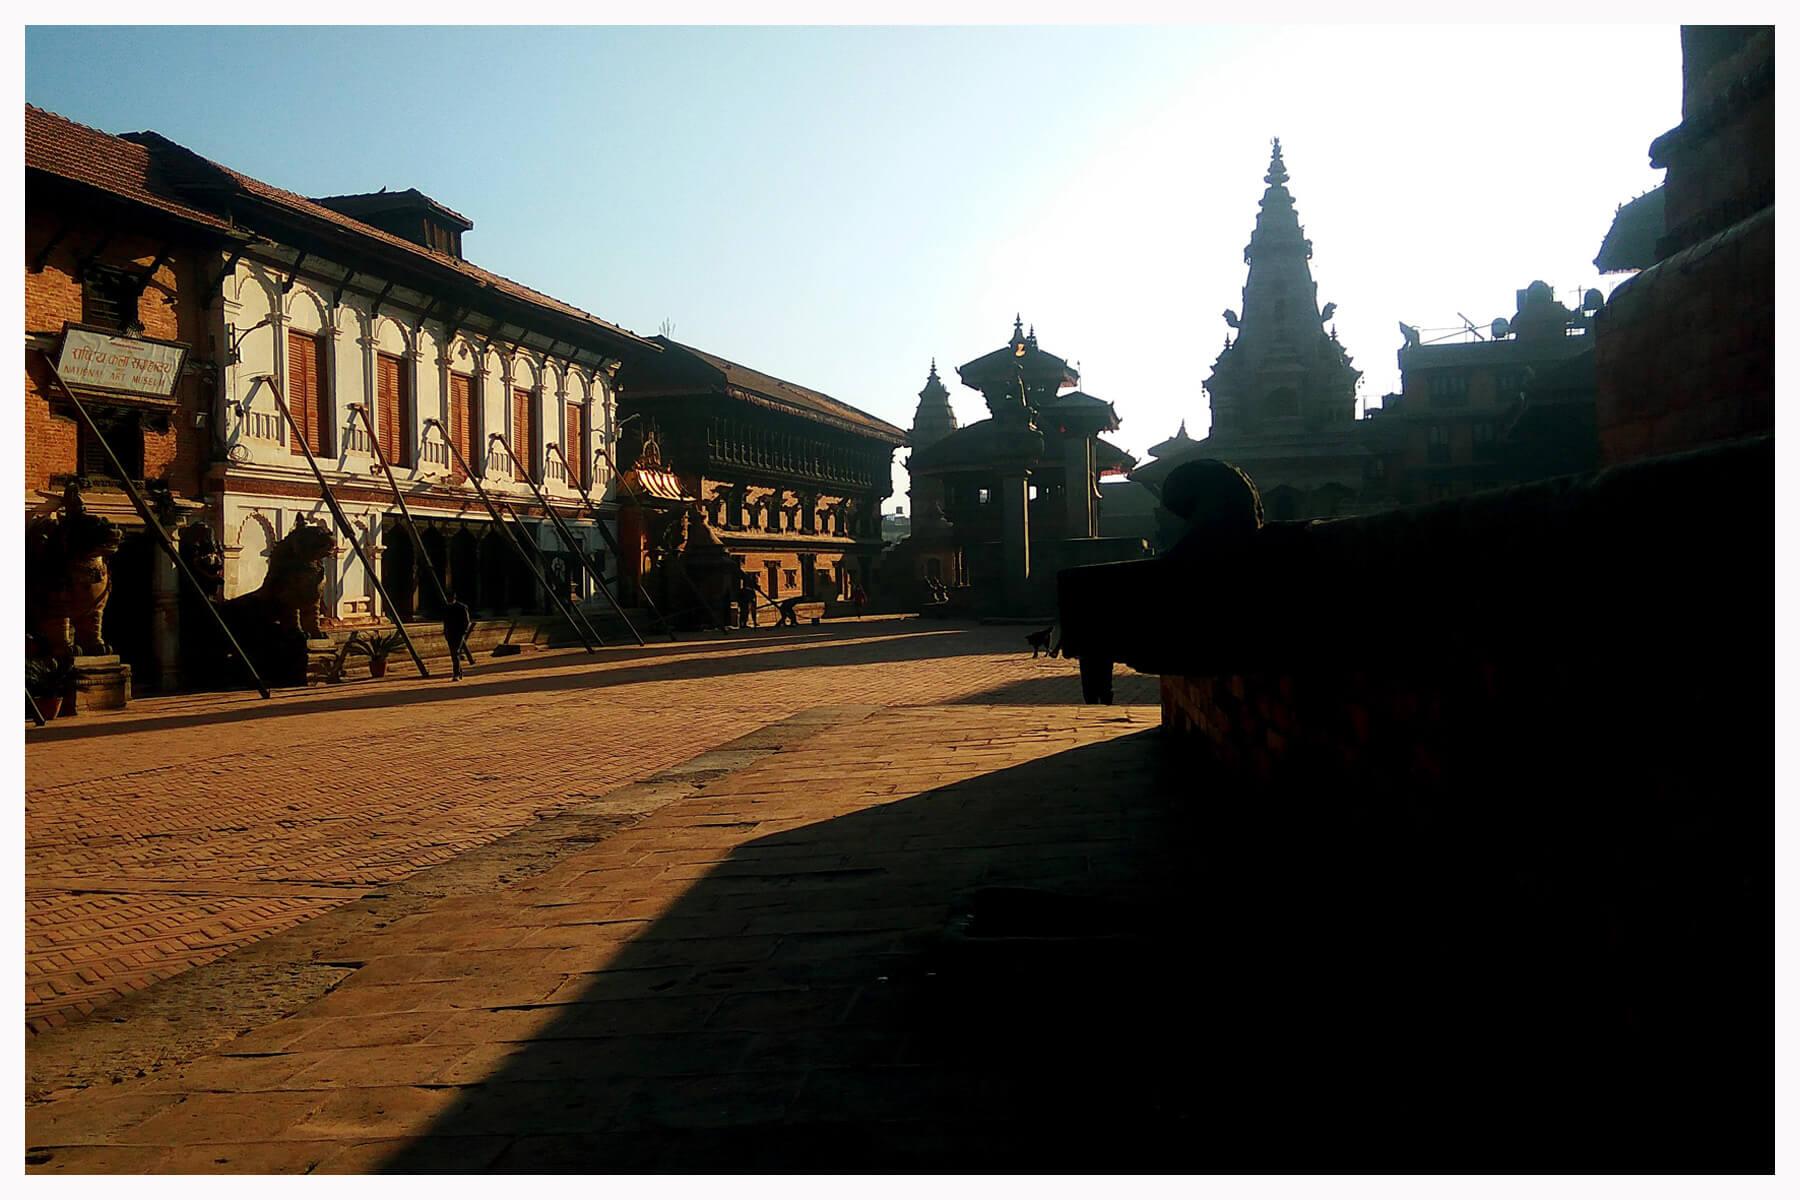 Durbar Square image